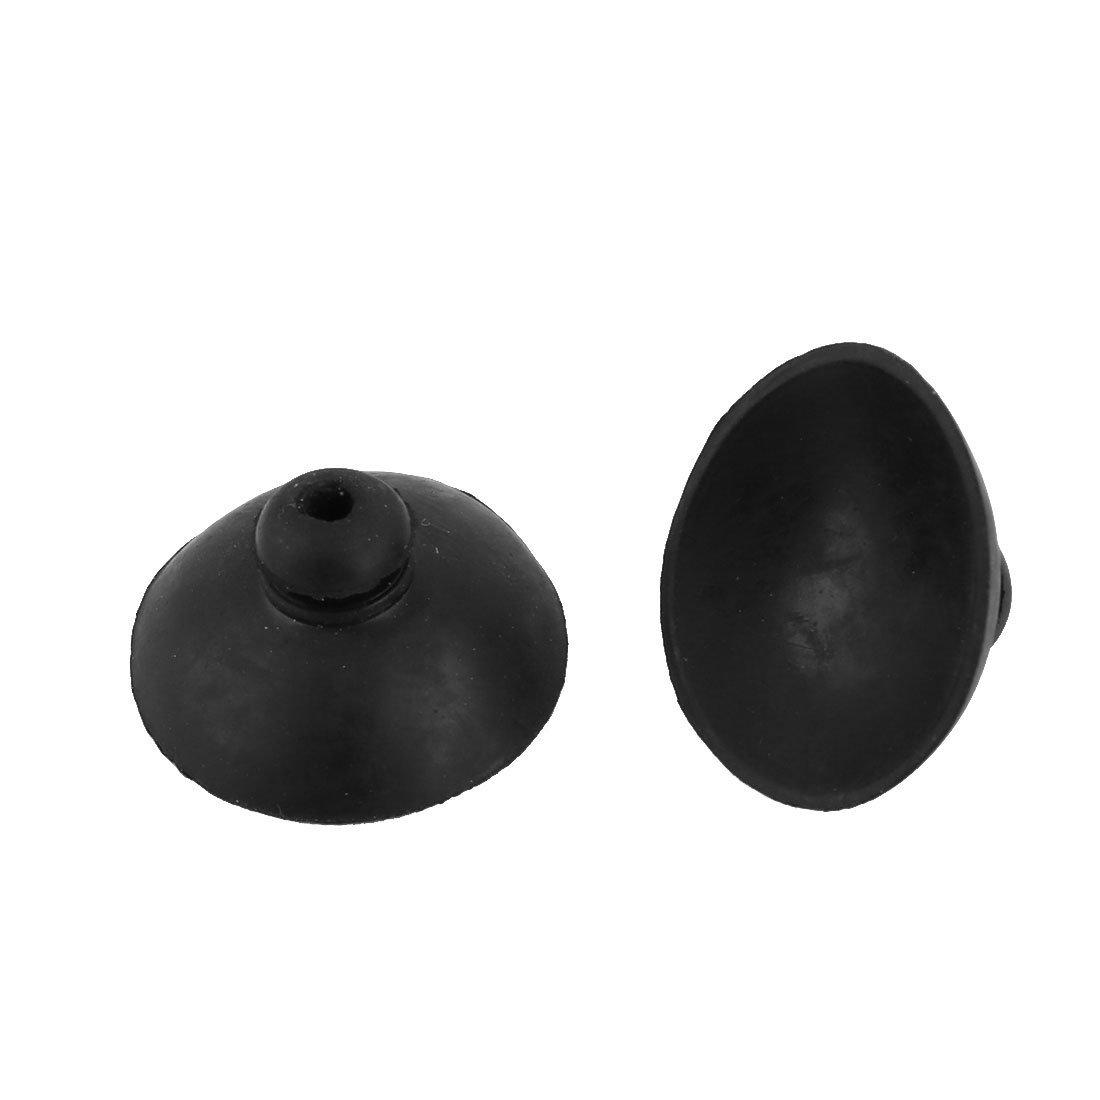 Amazon.com : eDealMax Tubo de goma del tubo de agua de la manguera de aire peces de acuario tanque de succión Copa 27mm Dia 20 piezas Negro : Pet Supplies